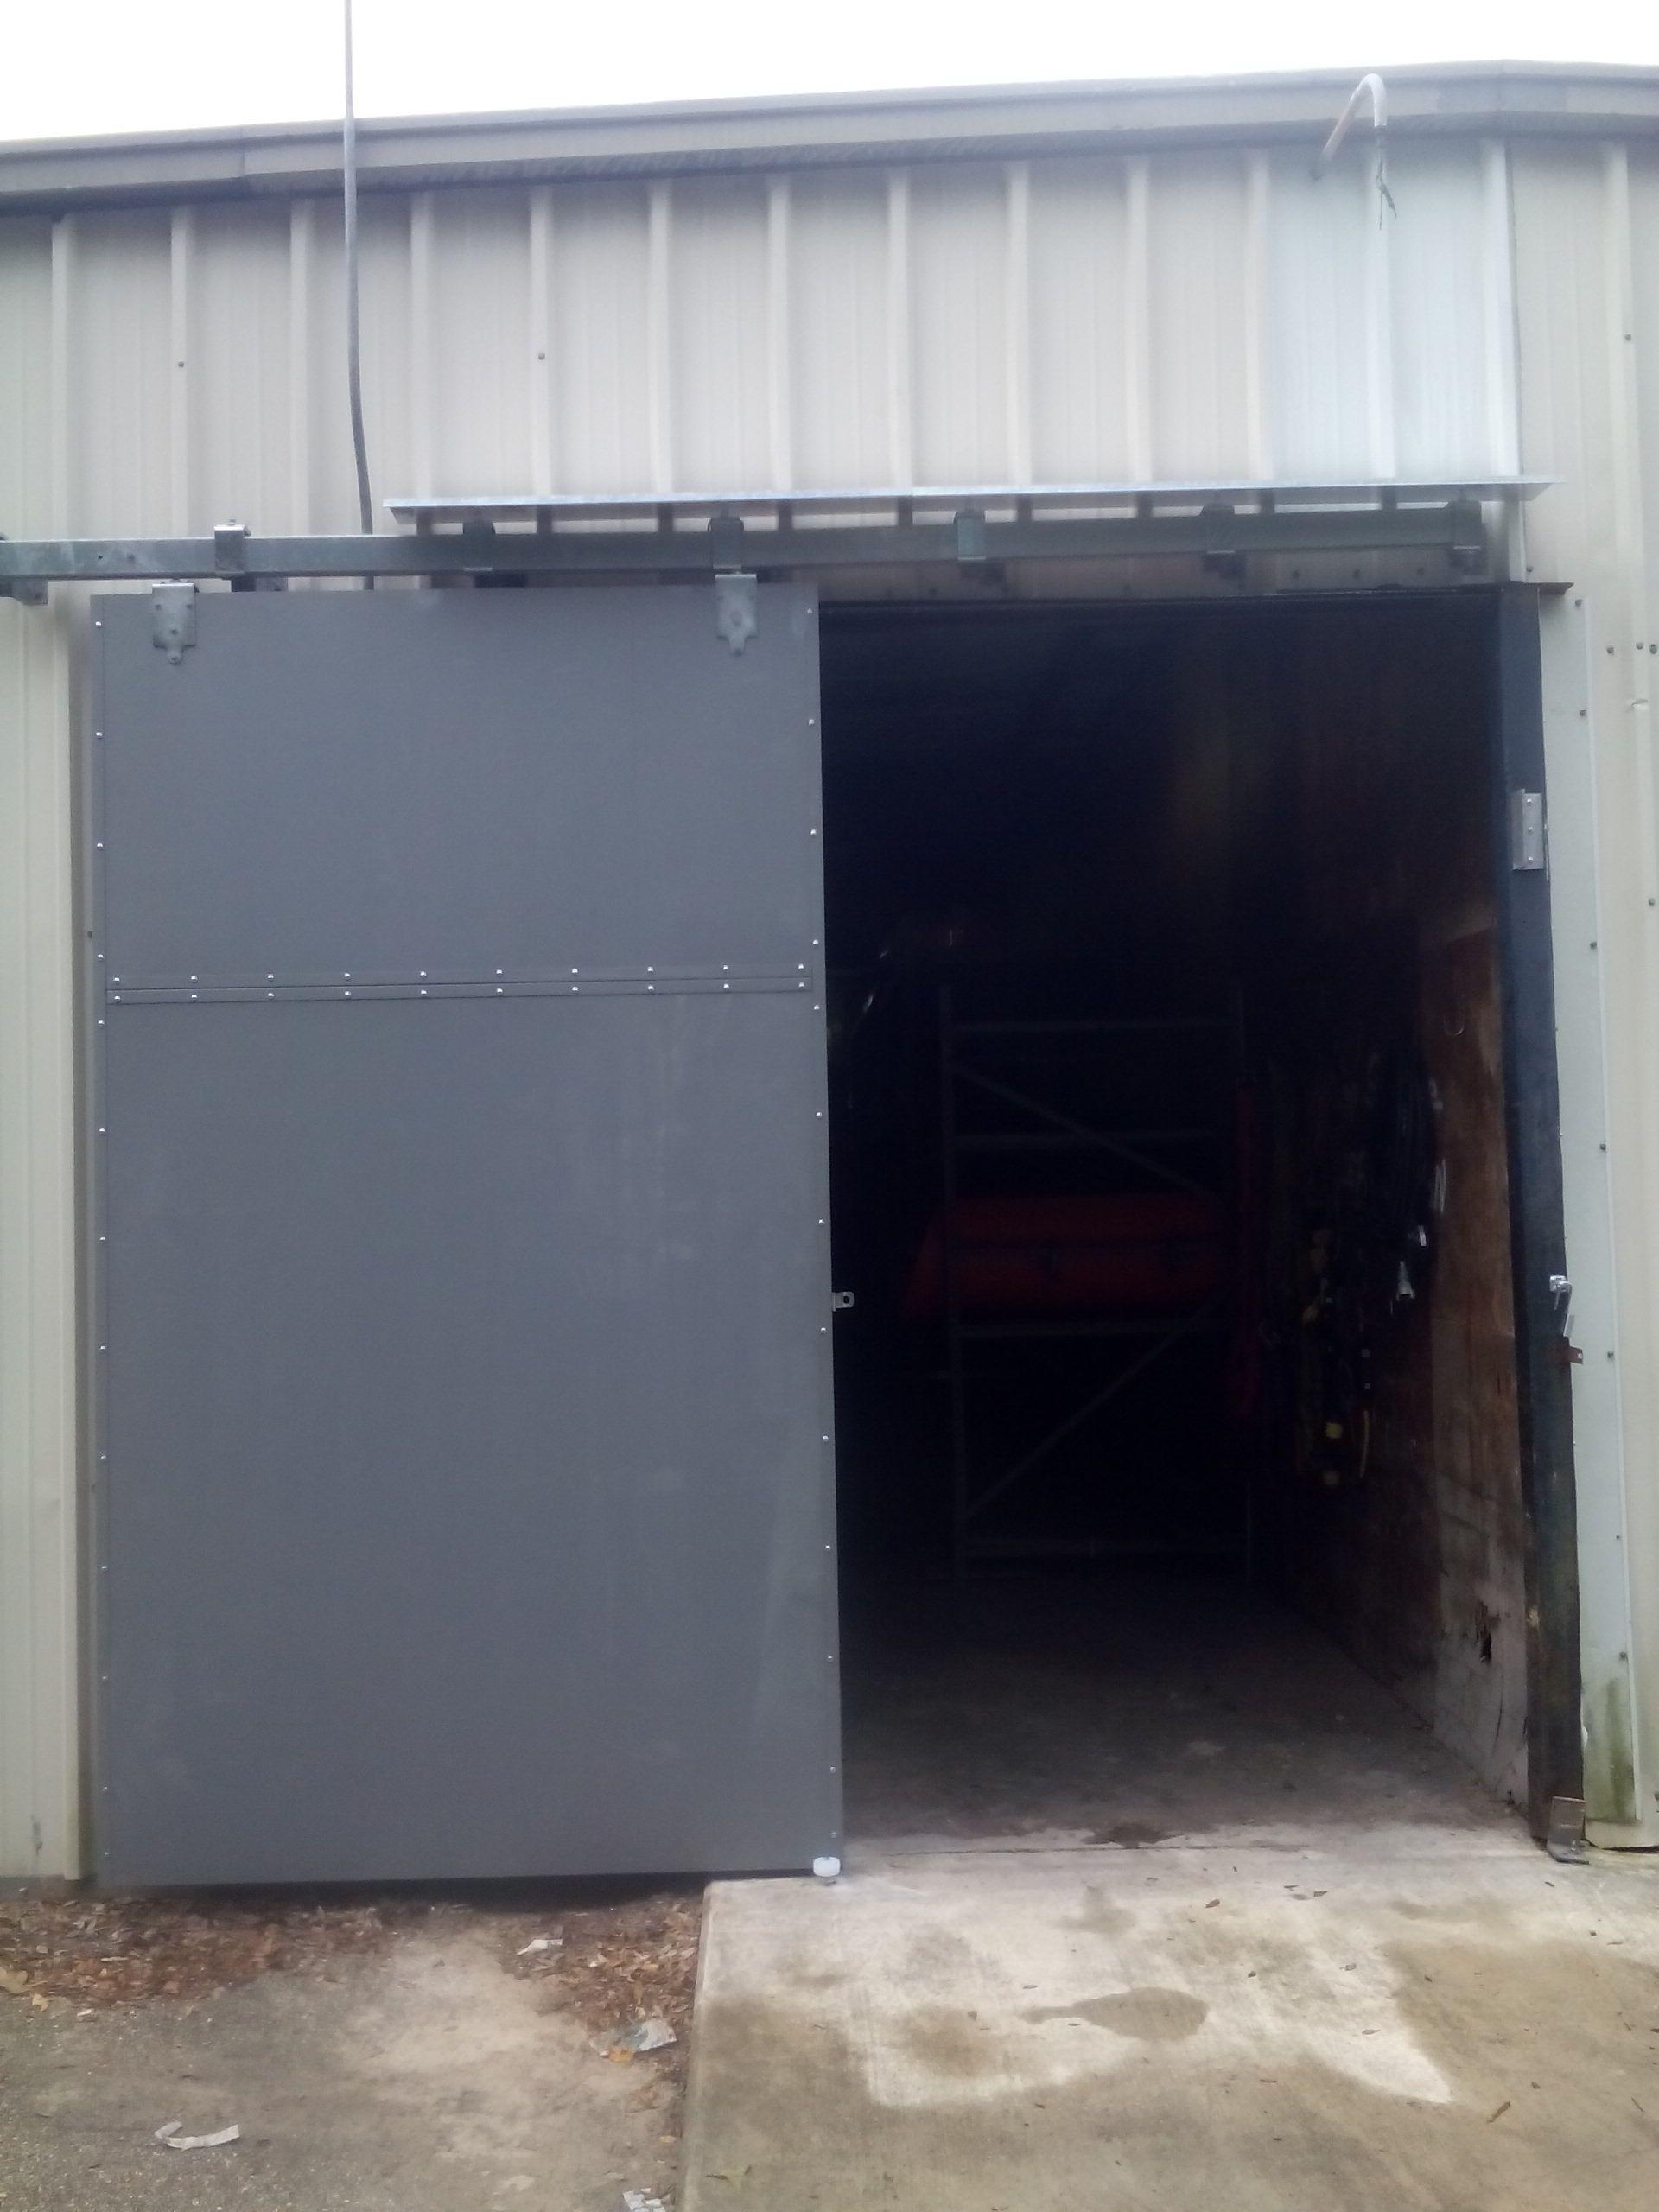 Ideal Door 10 Ft X 10 Ft 4 Star Sandtone Raised Pnl Non Insul Torsion Garage Door At Menards Post Frame Building Garage Doors Building Materials